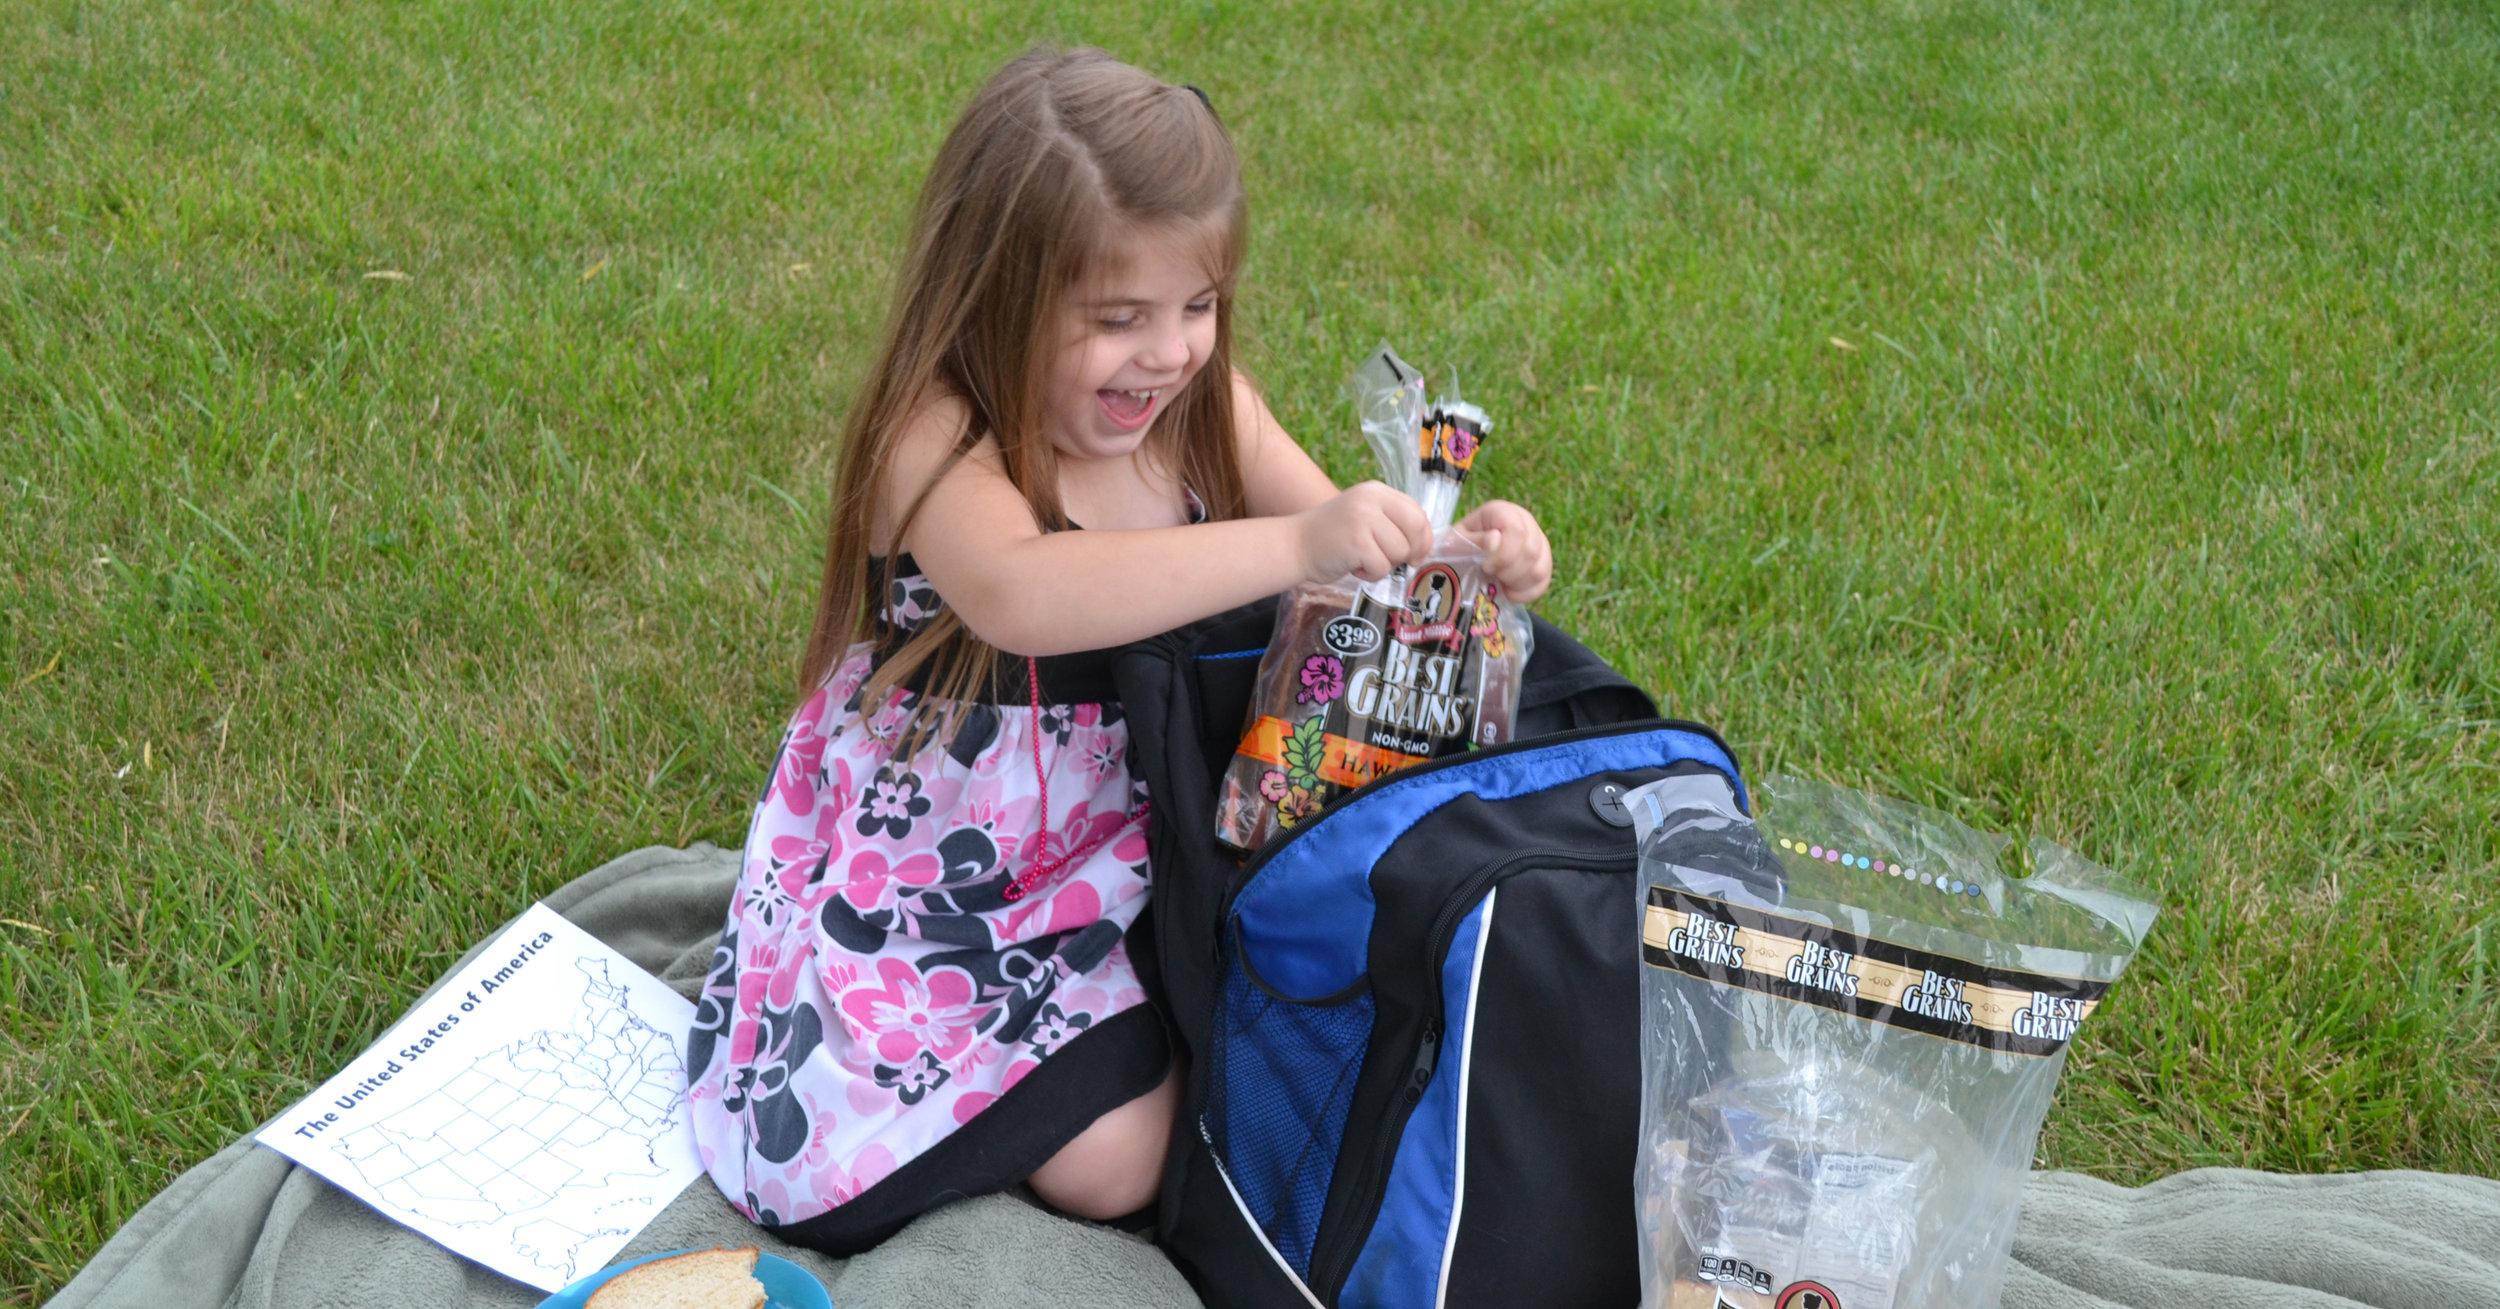 Girl holding Aunt Millie's Best Grains